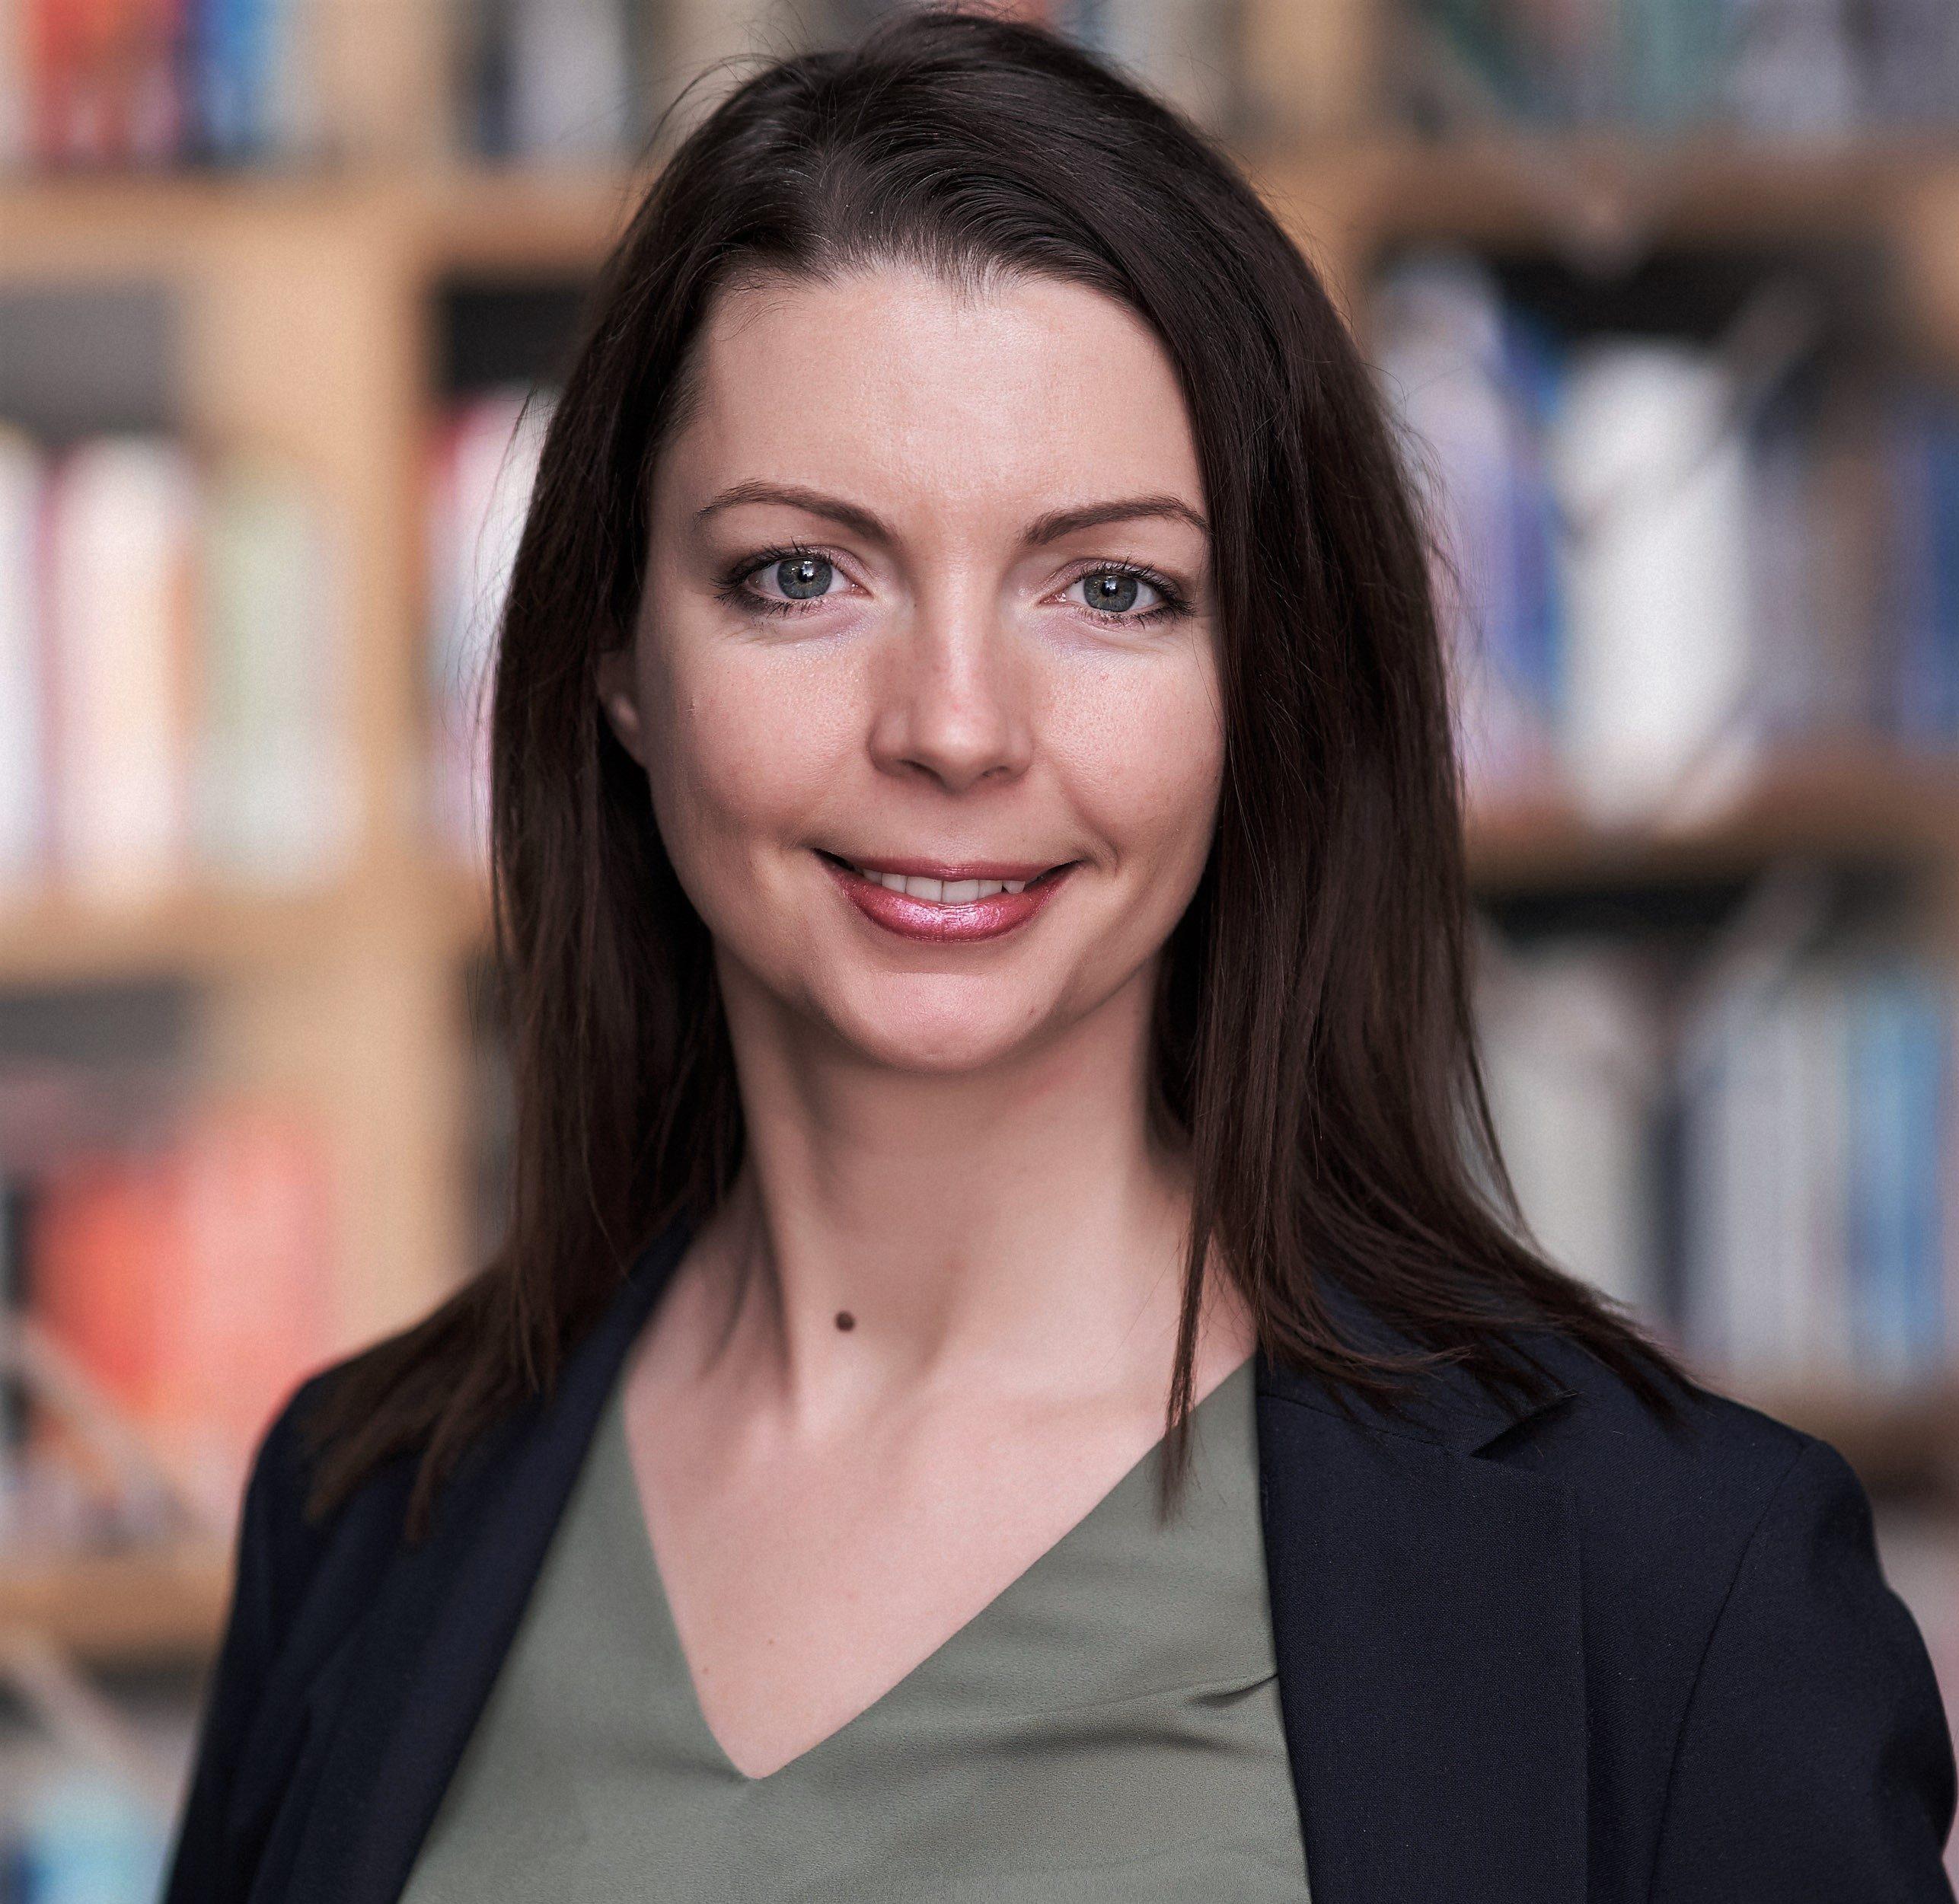 Alina Nescerecka